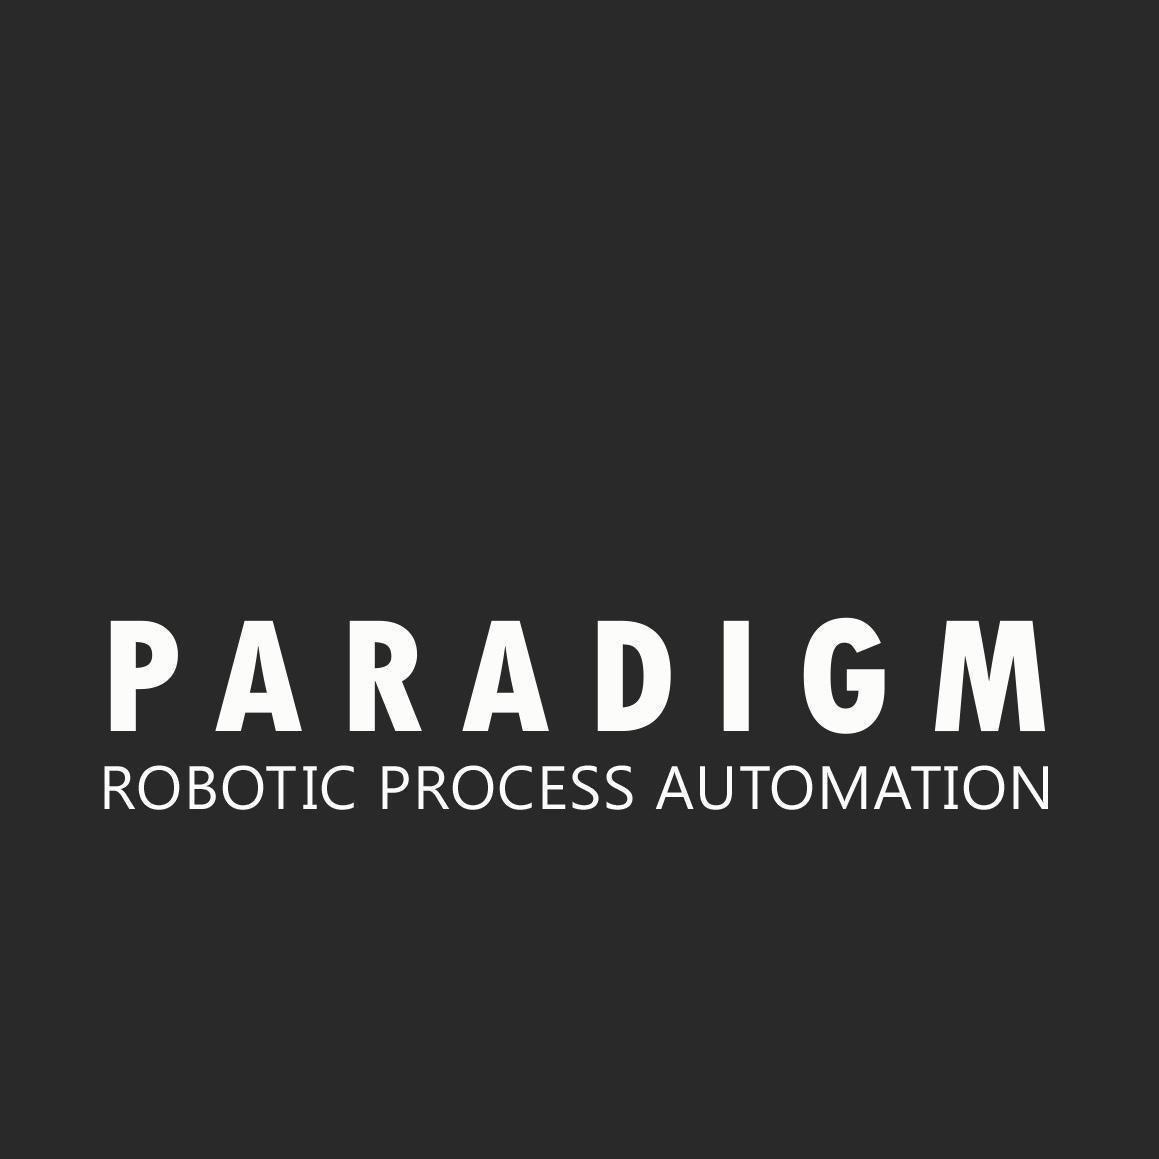 Paradigm Robotics